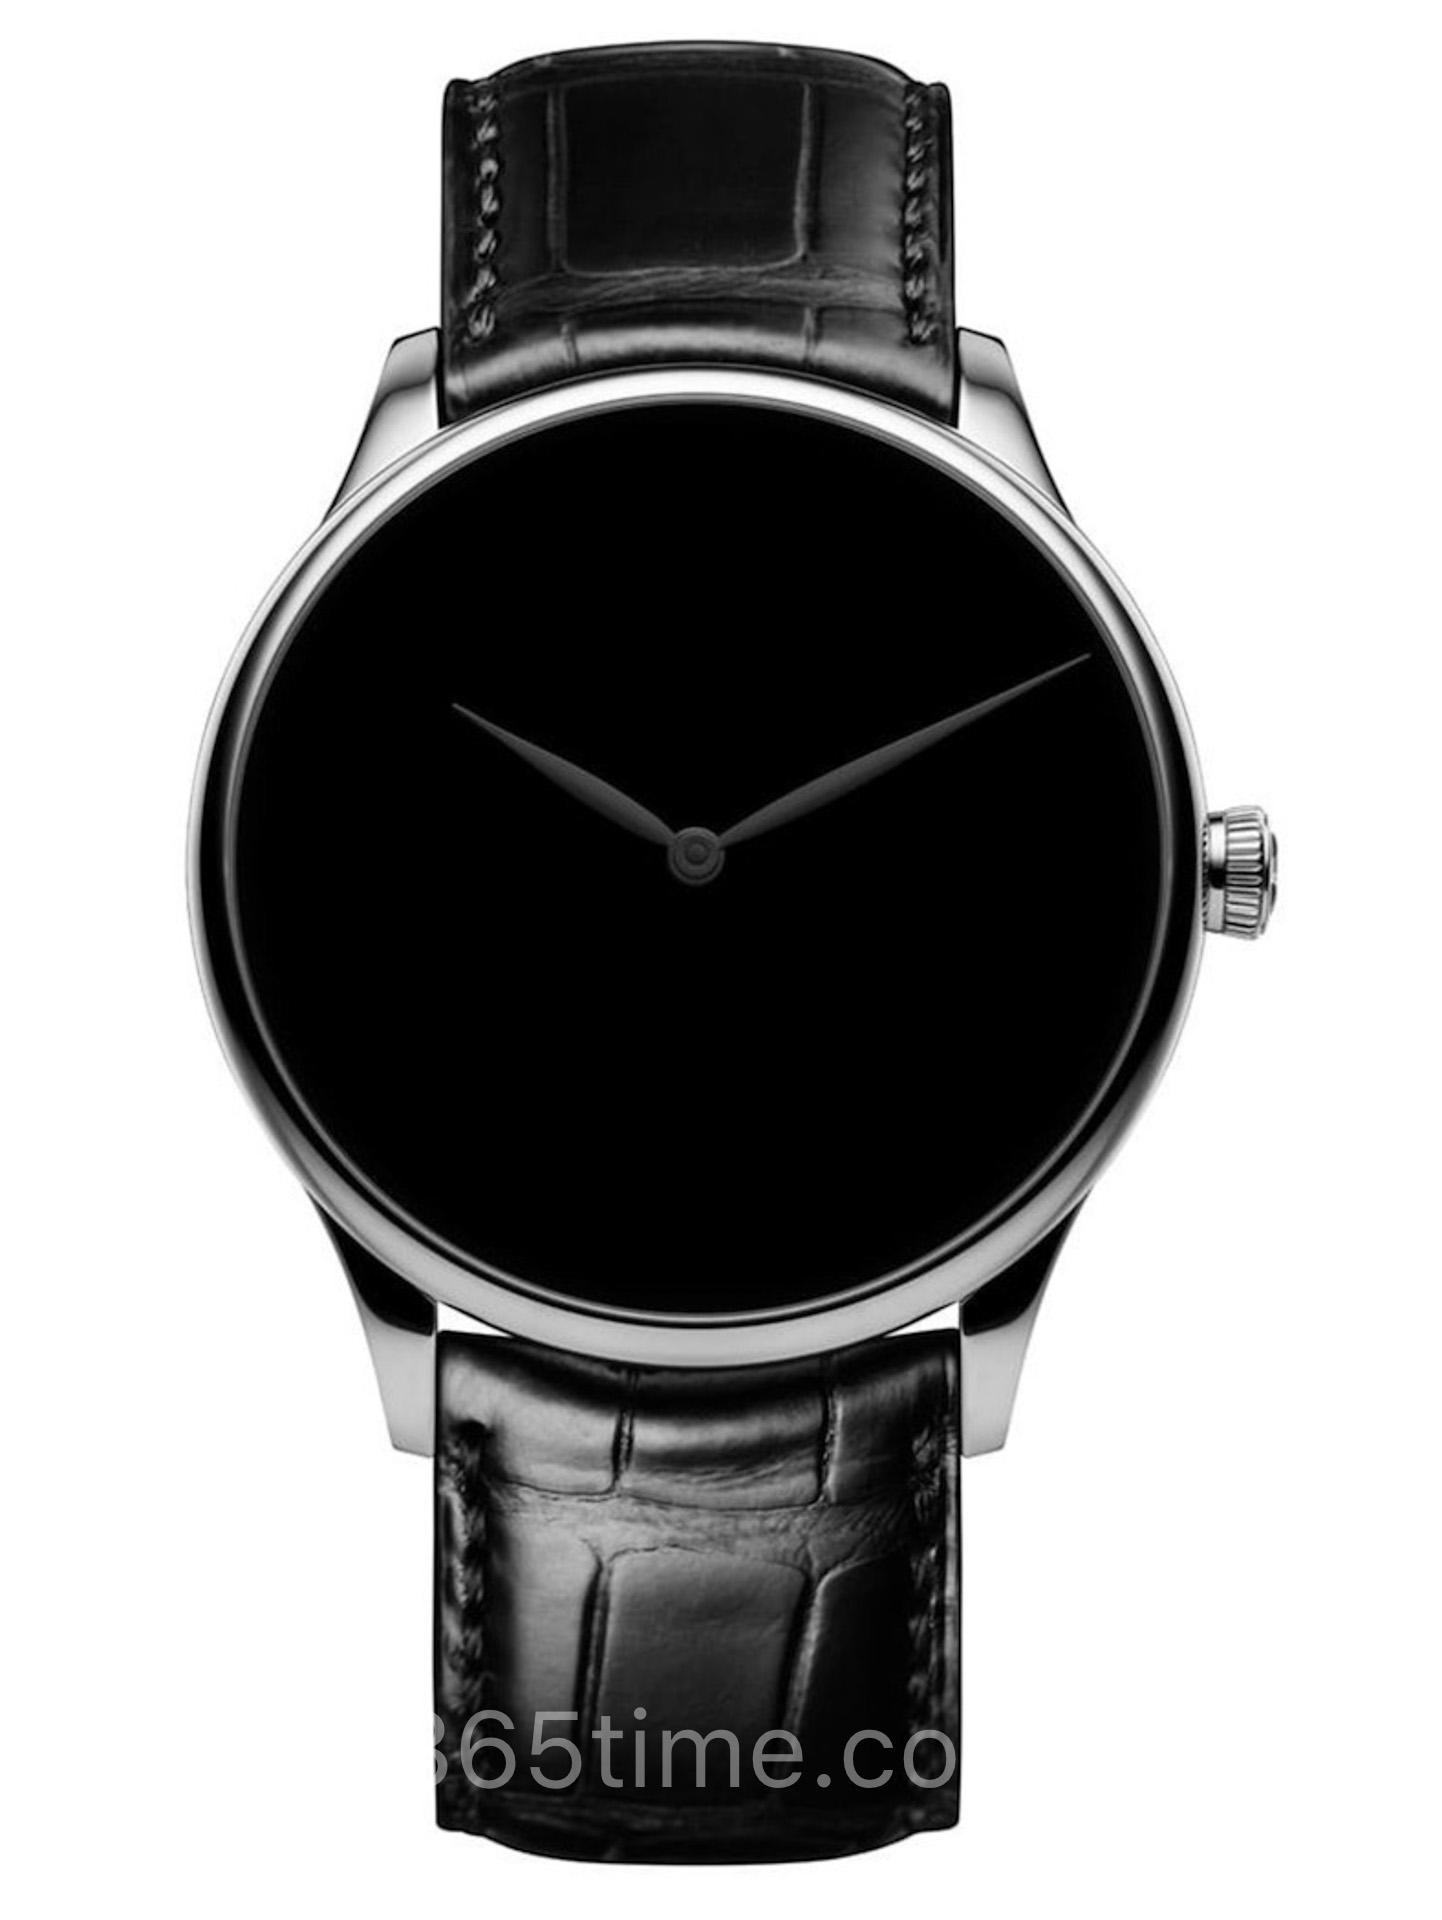 亨利慕时勇创者系列Venturer黑色指针白金款腕表2327-0222